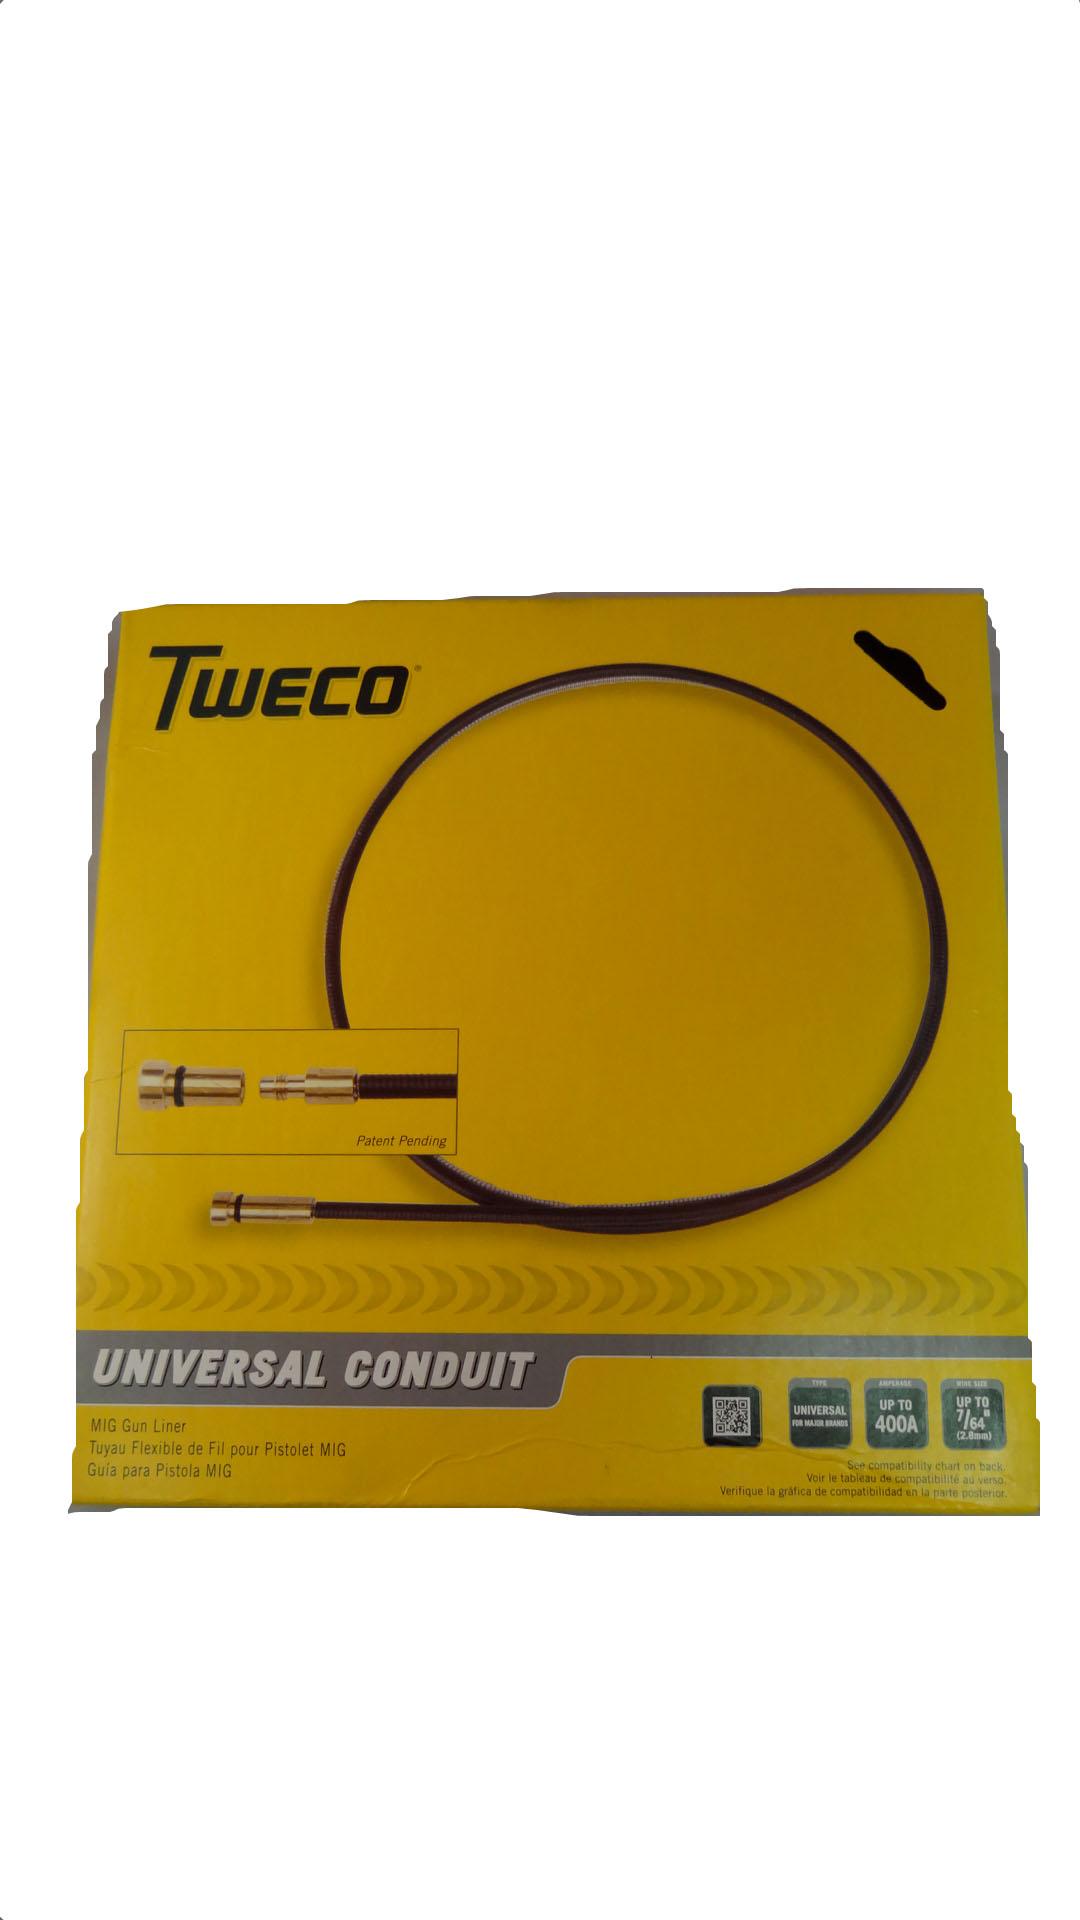 tweco universal conduit